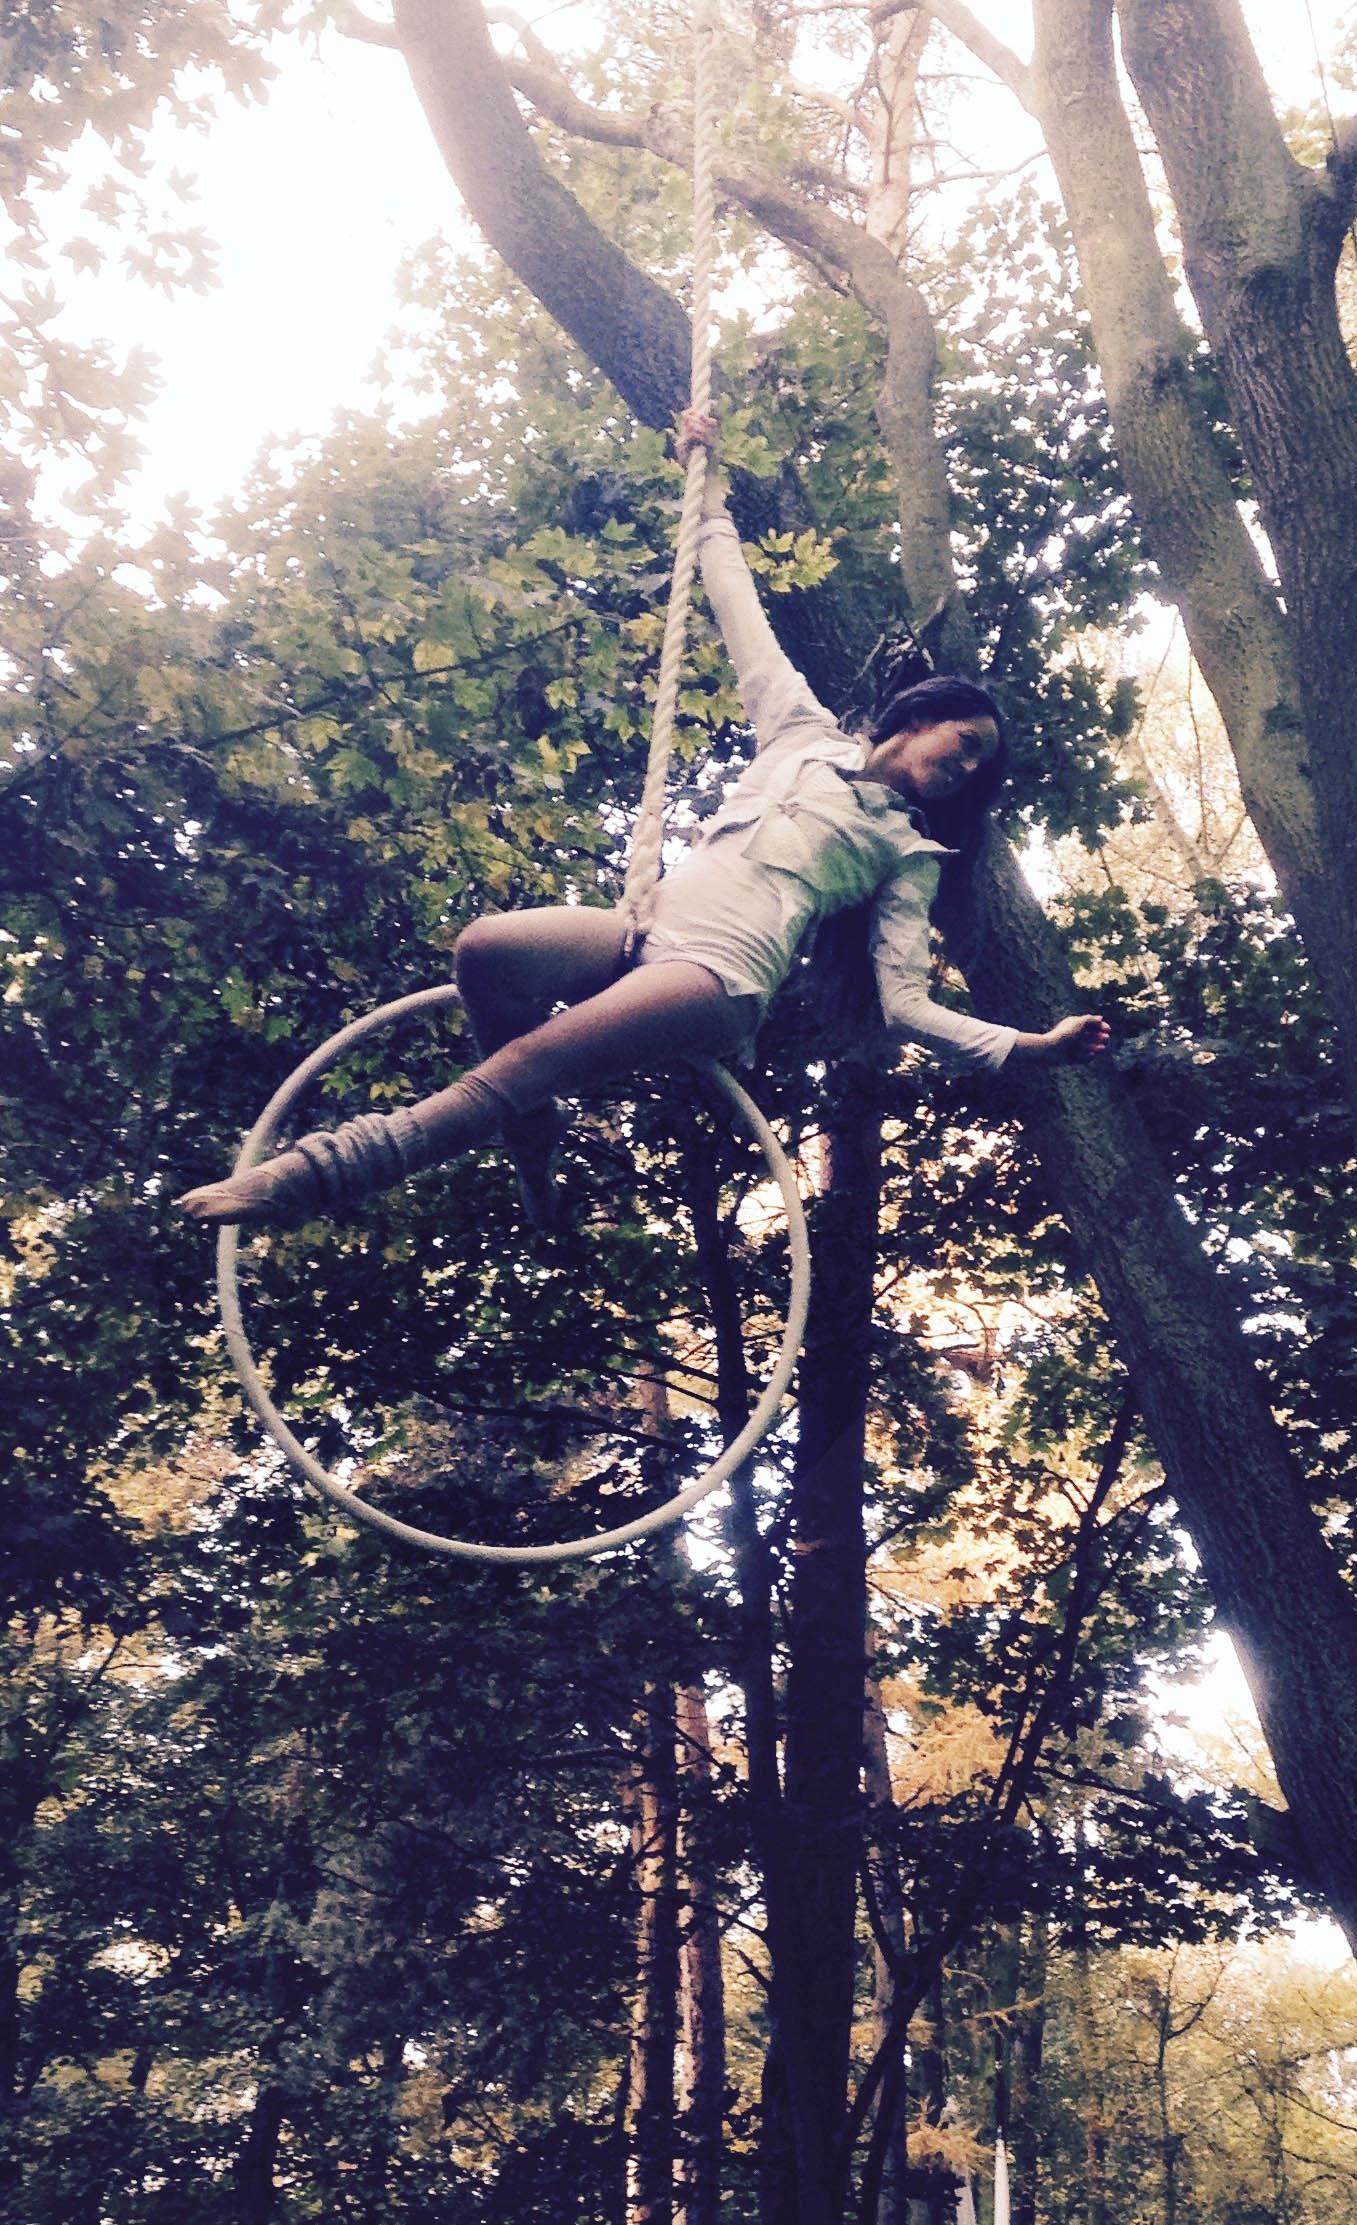 Aerial Hoop hangabout woods.jpg